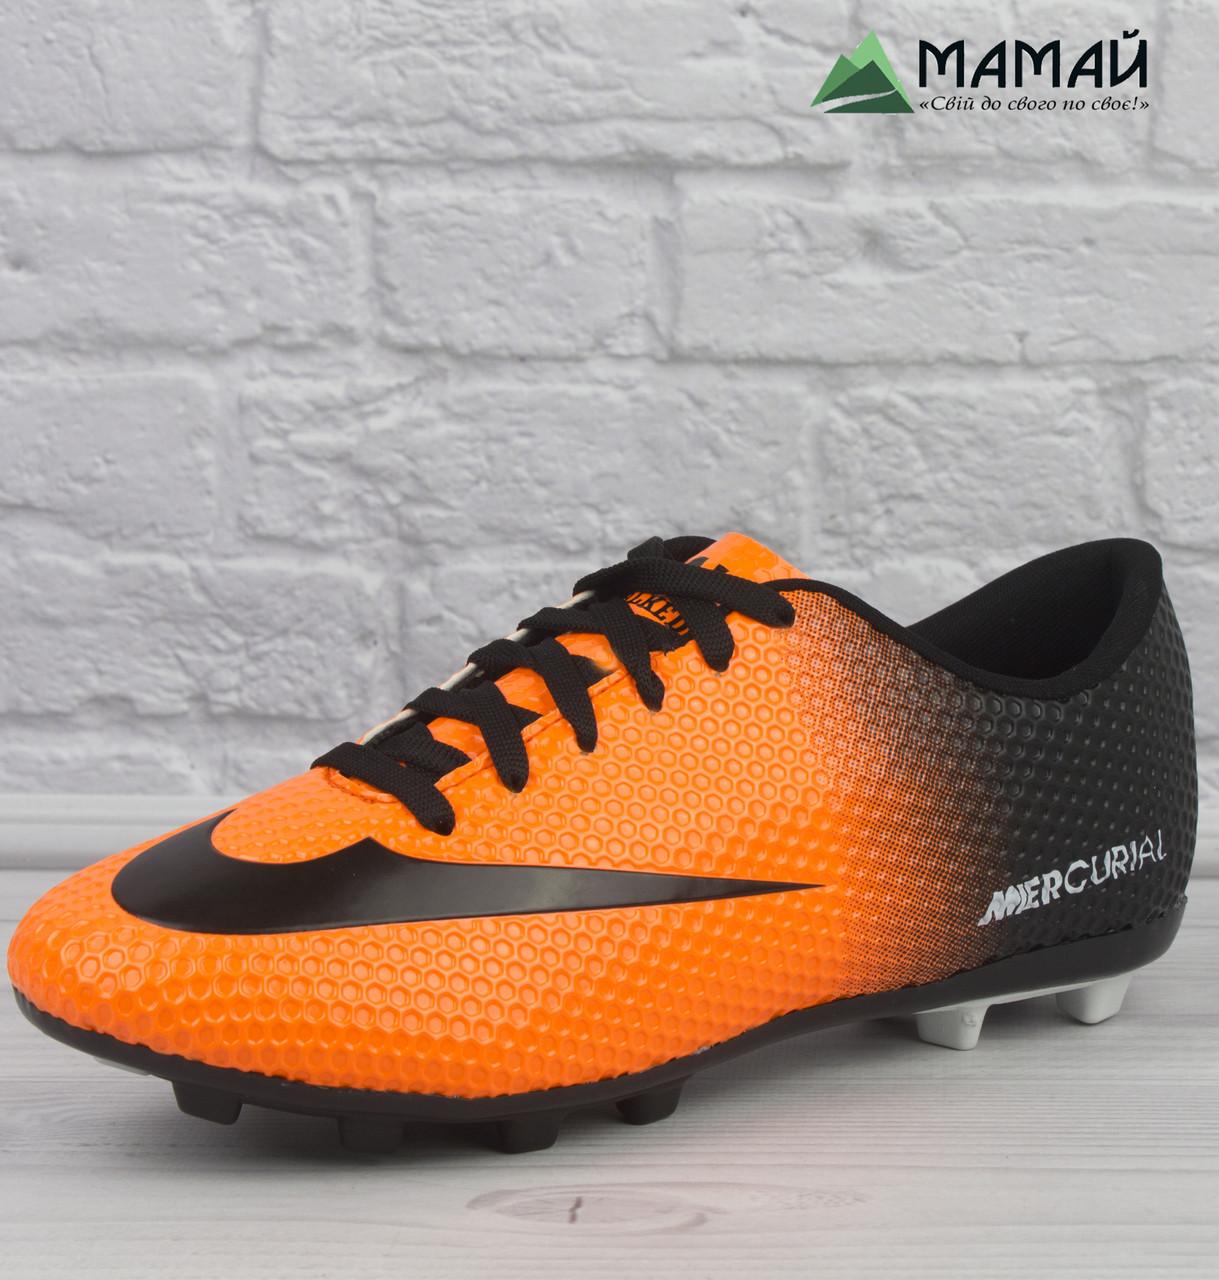 Бутси Nike Mercurial - Футбольне взуття репліка